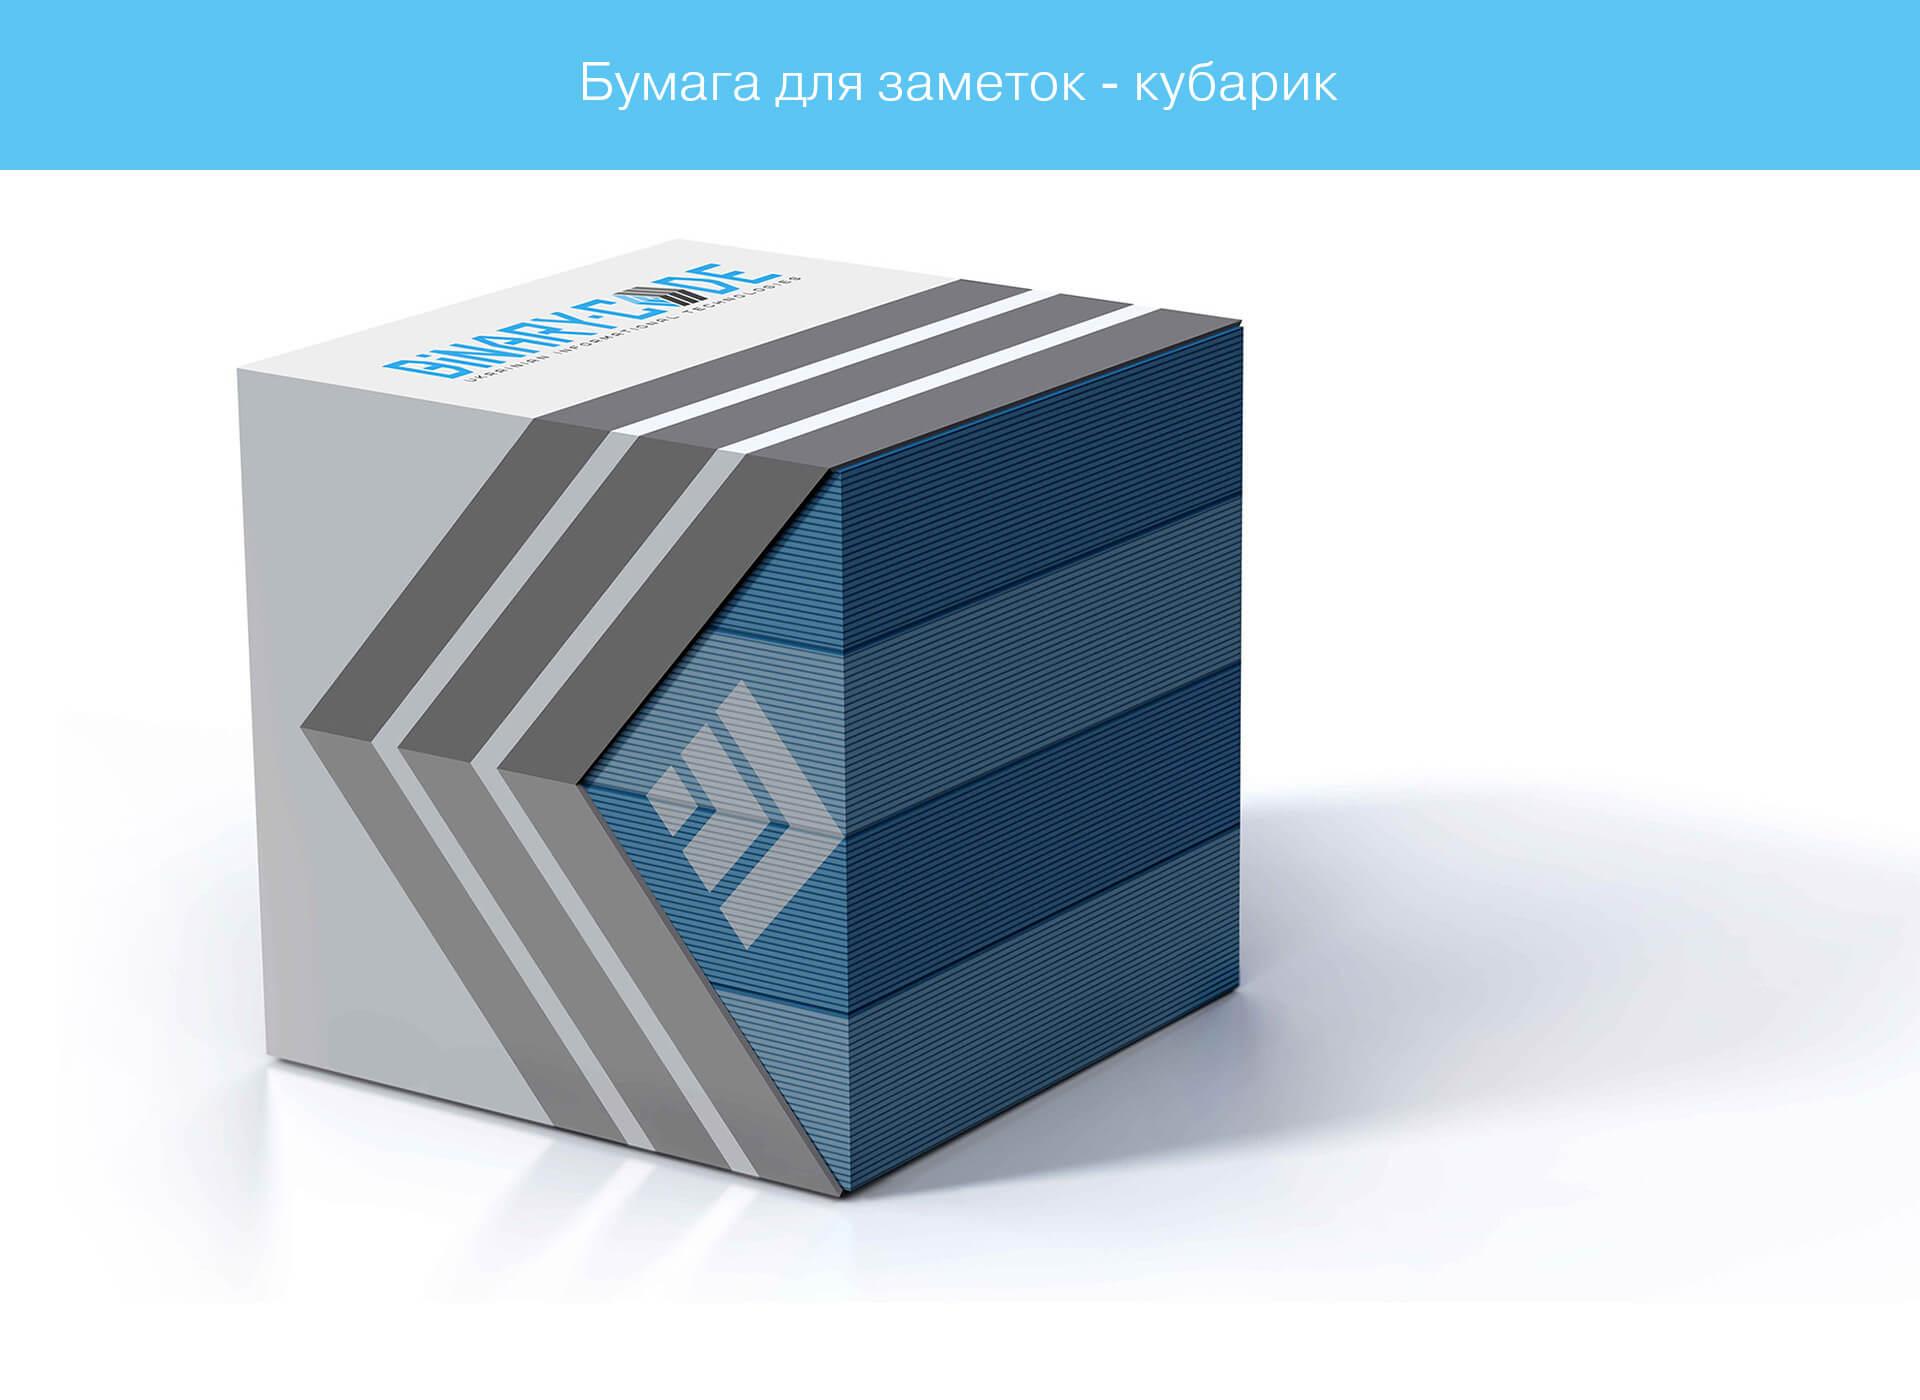 Разработка и создание дизайна бумаги для заметок, кубарик (брендинг) от Fantastic Imago брендиногове рекламное агентство